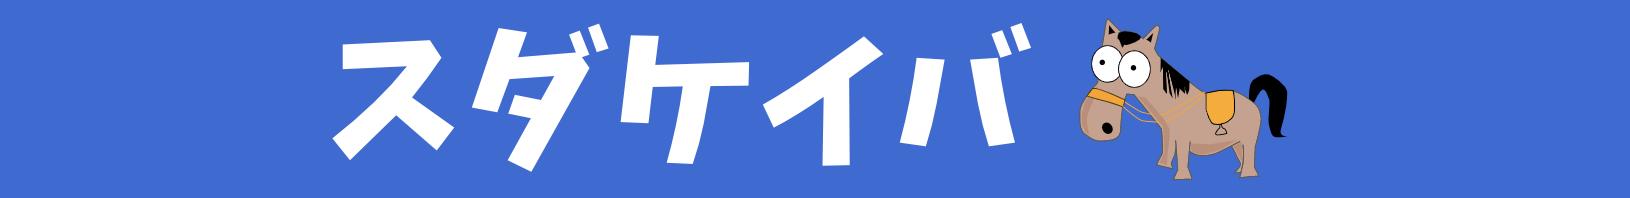 スダケイバ